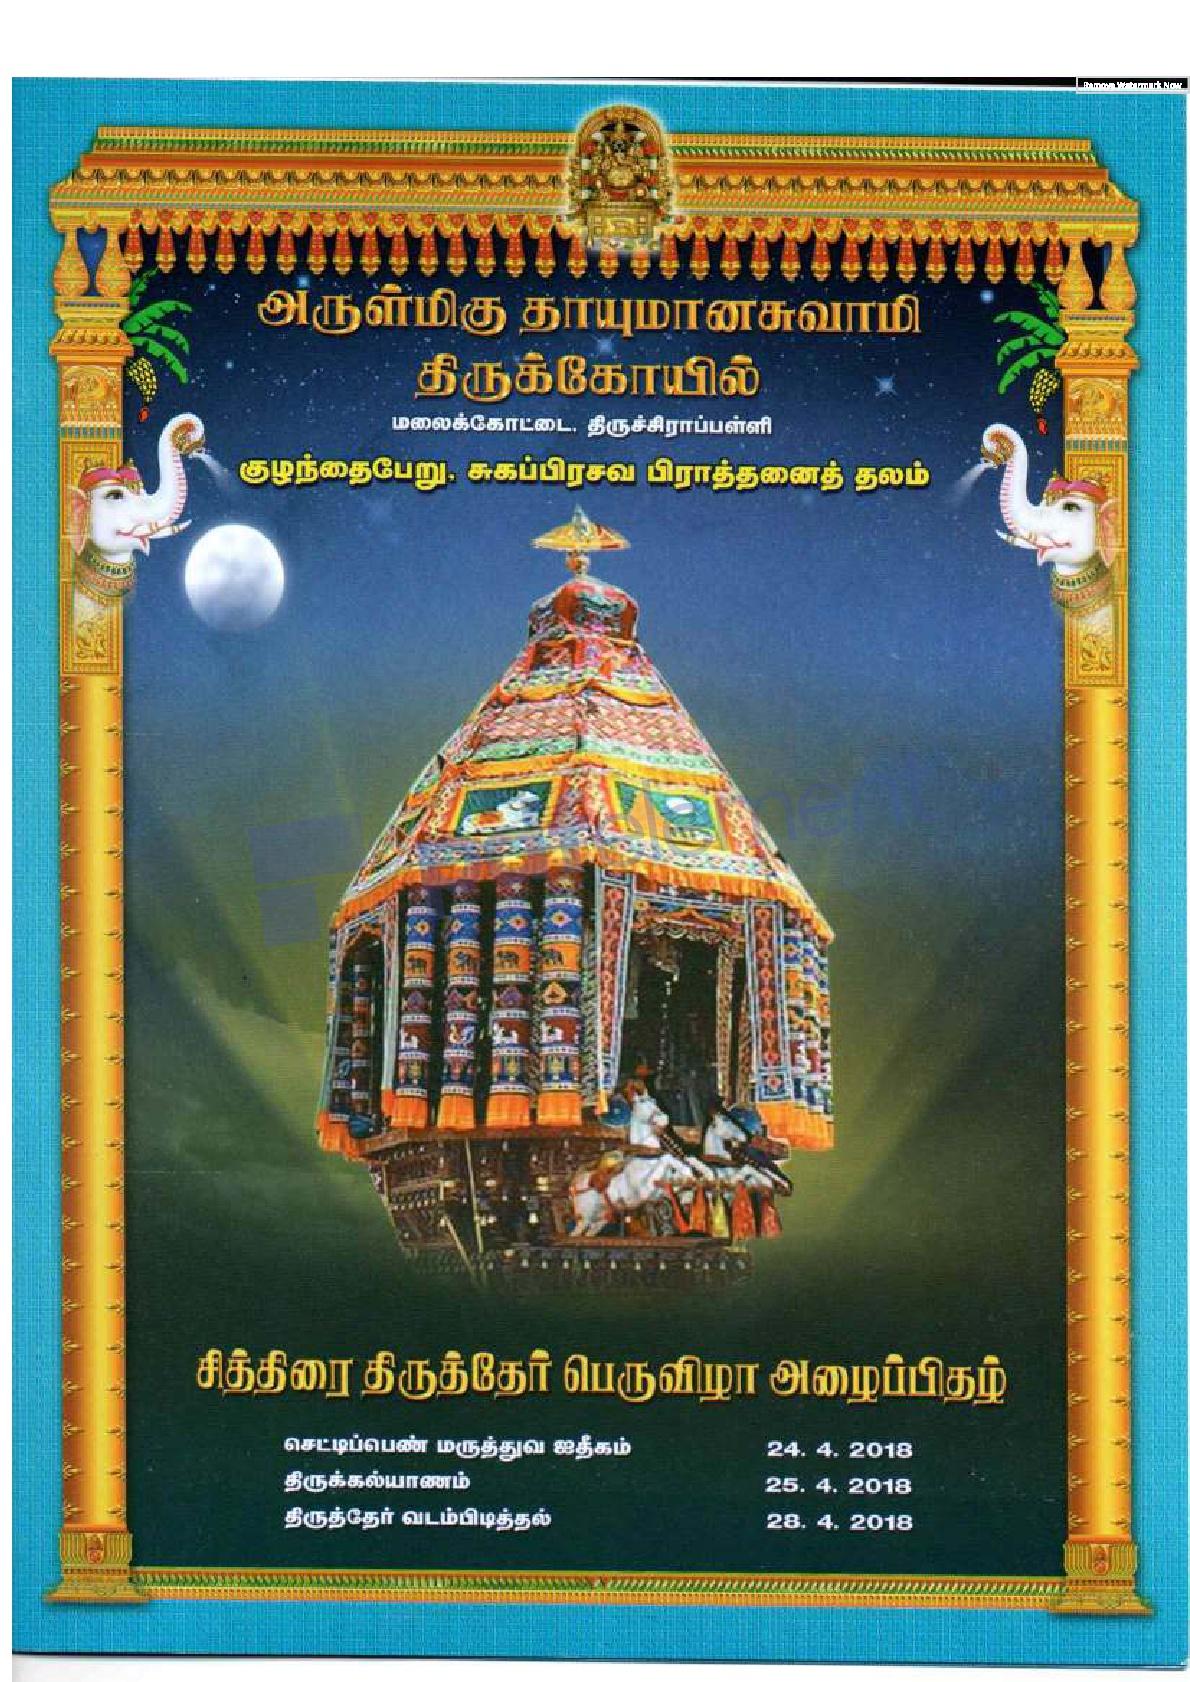 Arulmigu Thaayumanaswamy Thirukovil – Chithirai Thiruther Peruvizha Invitation